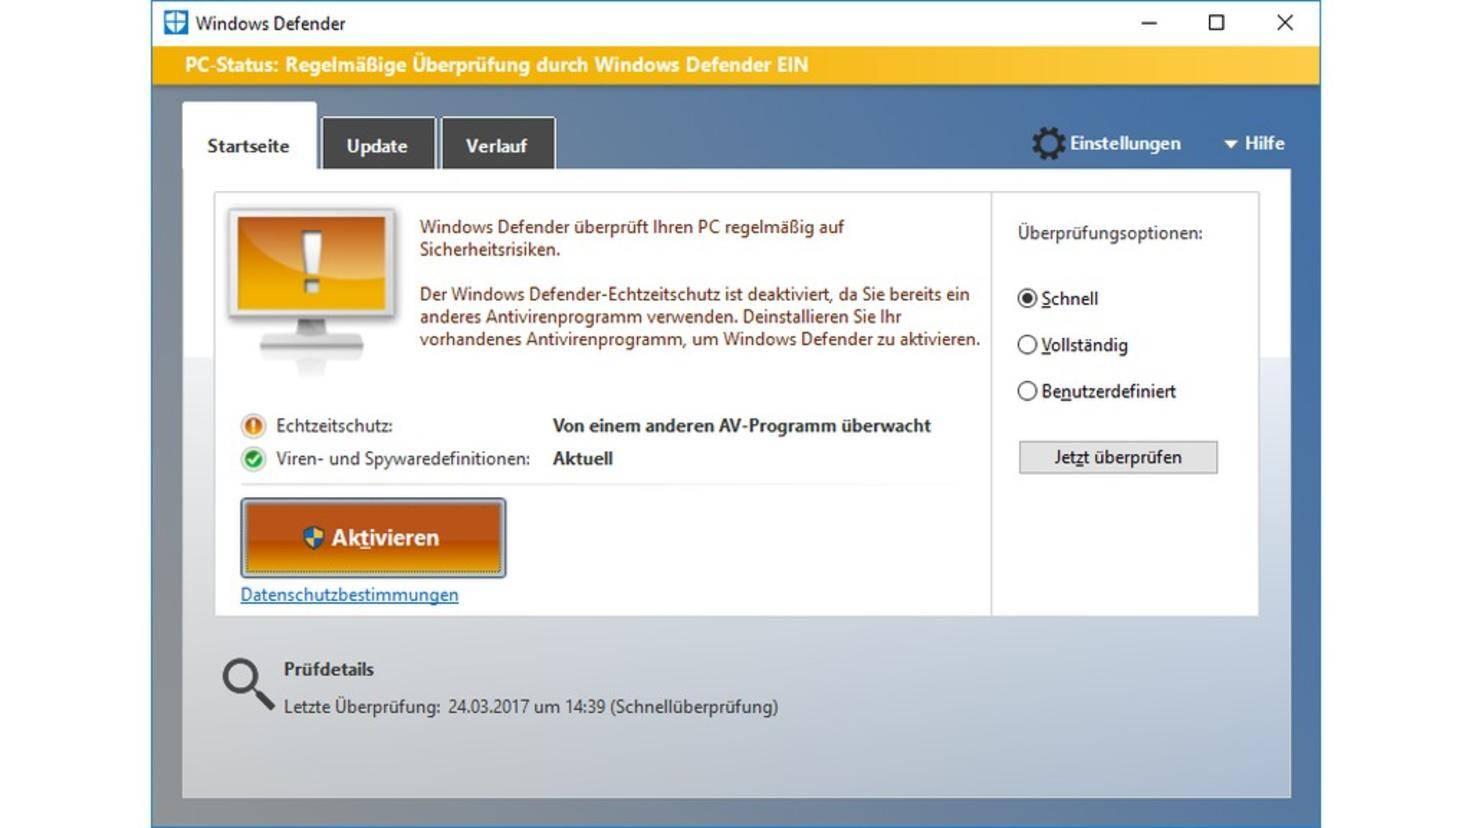 Windows Defender Vollständige Prüfung